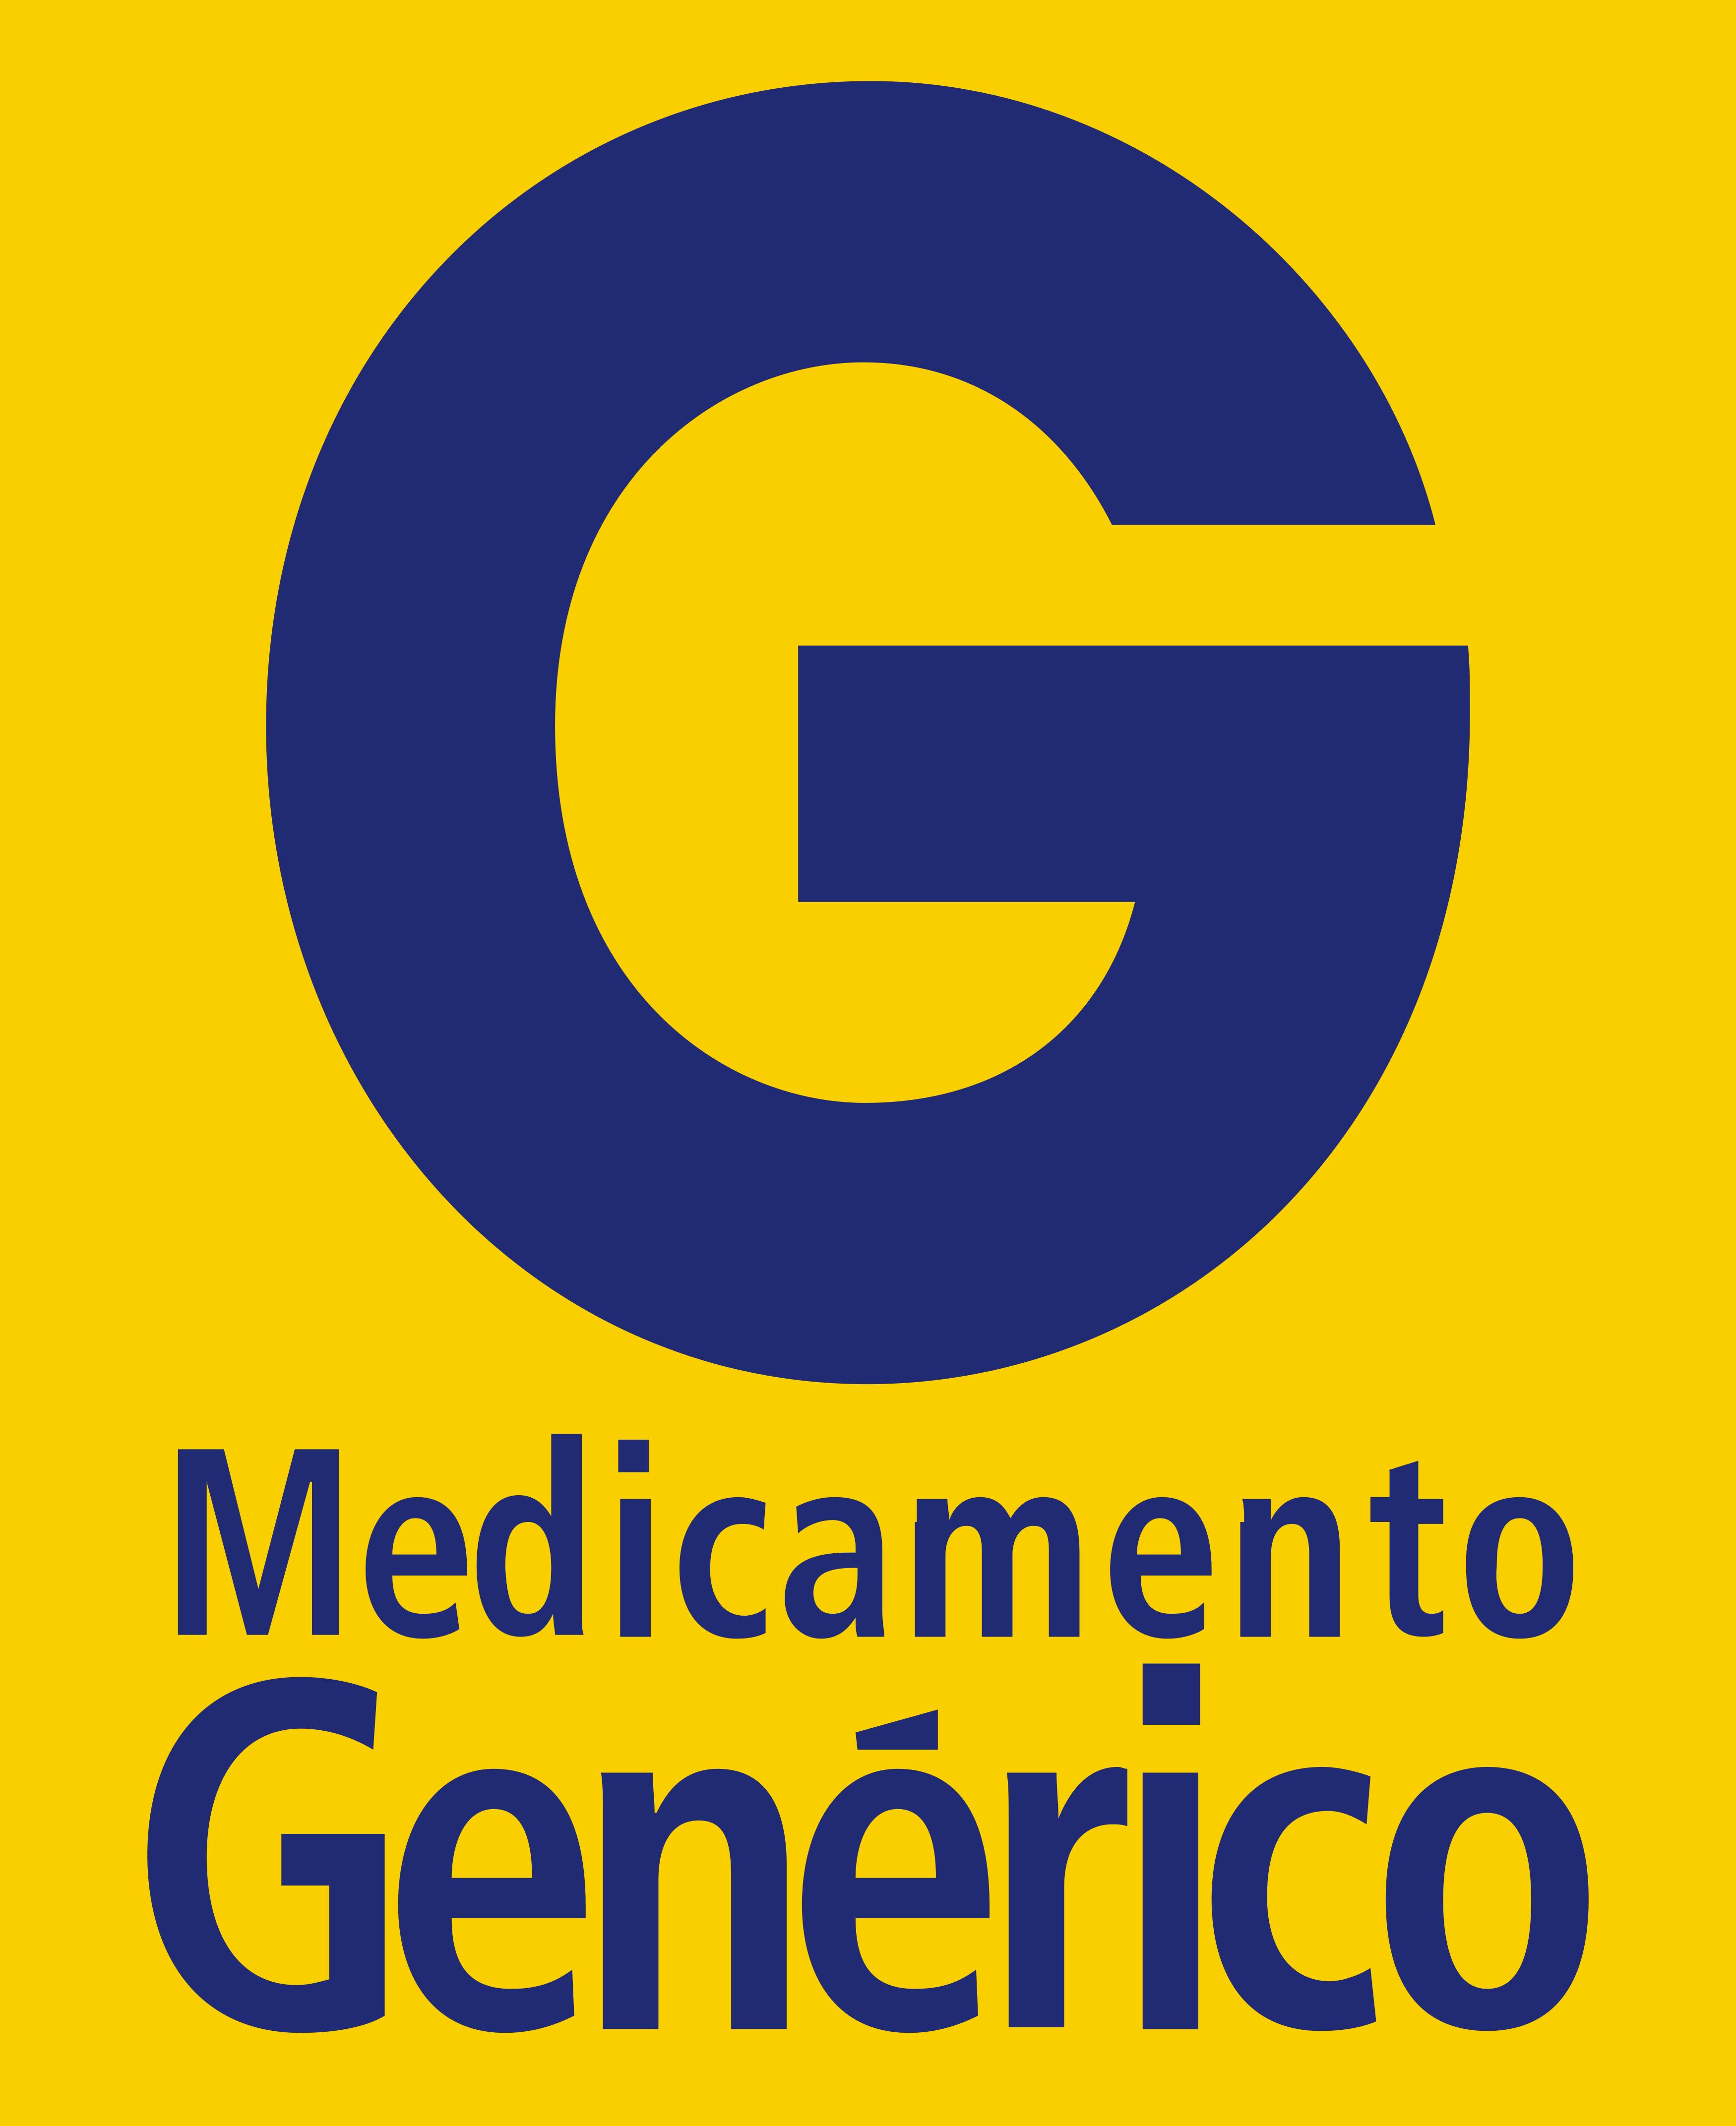 medicamento generico logo 1 - Genérico Logo - Medicamento Genérico Logo